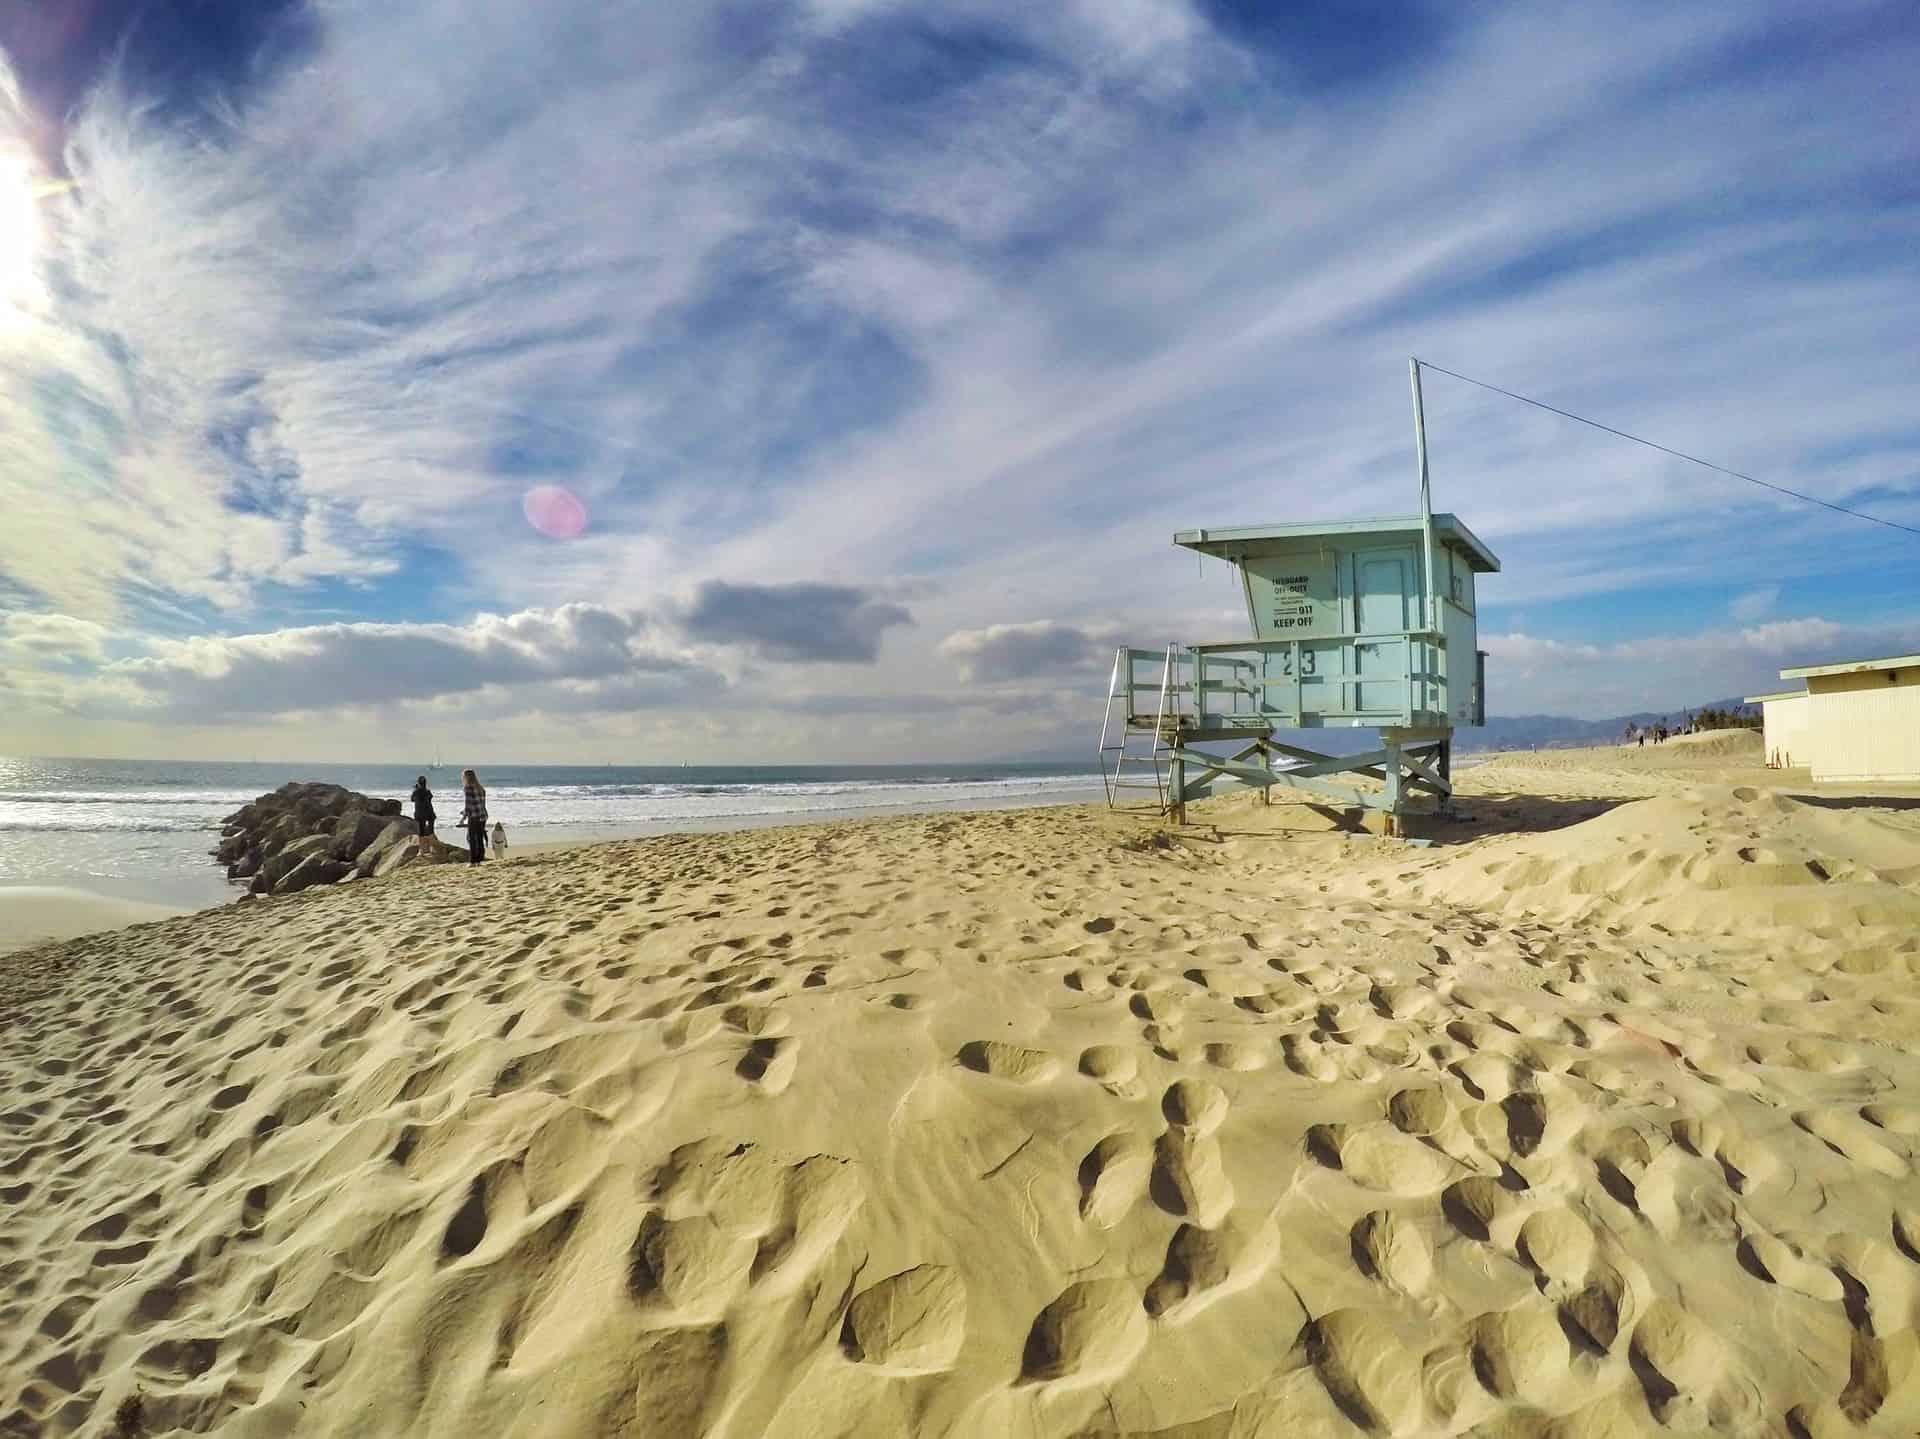 Los Angeles Rundreise Westküste USA selbstfahrer Empfehle ich mit dem Mietwagen